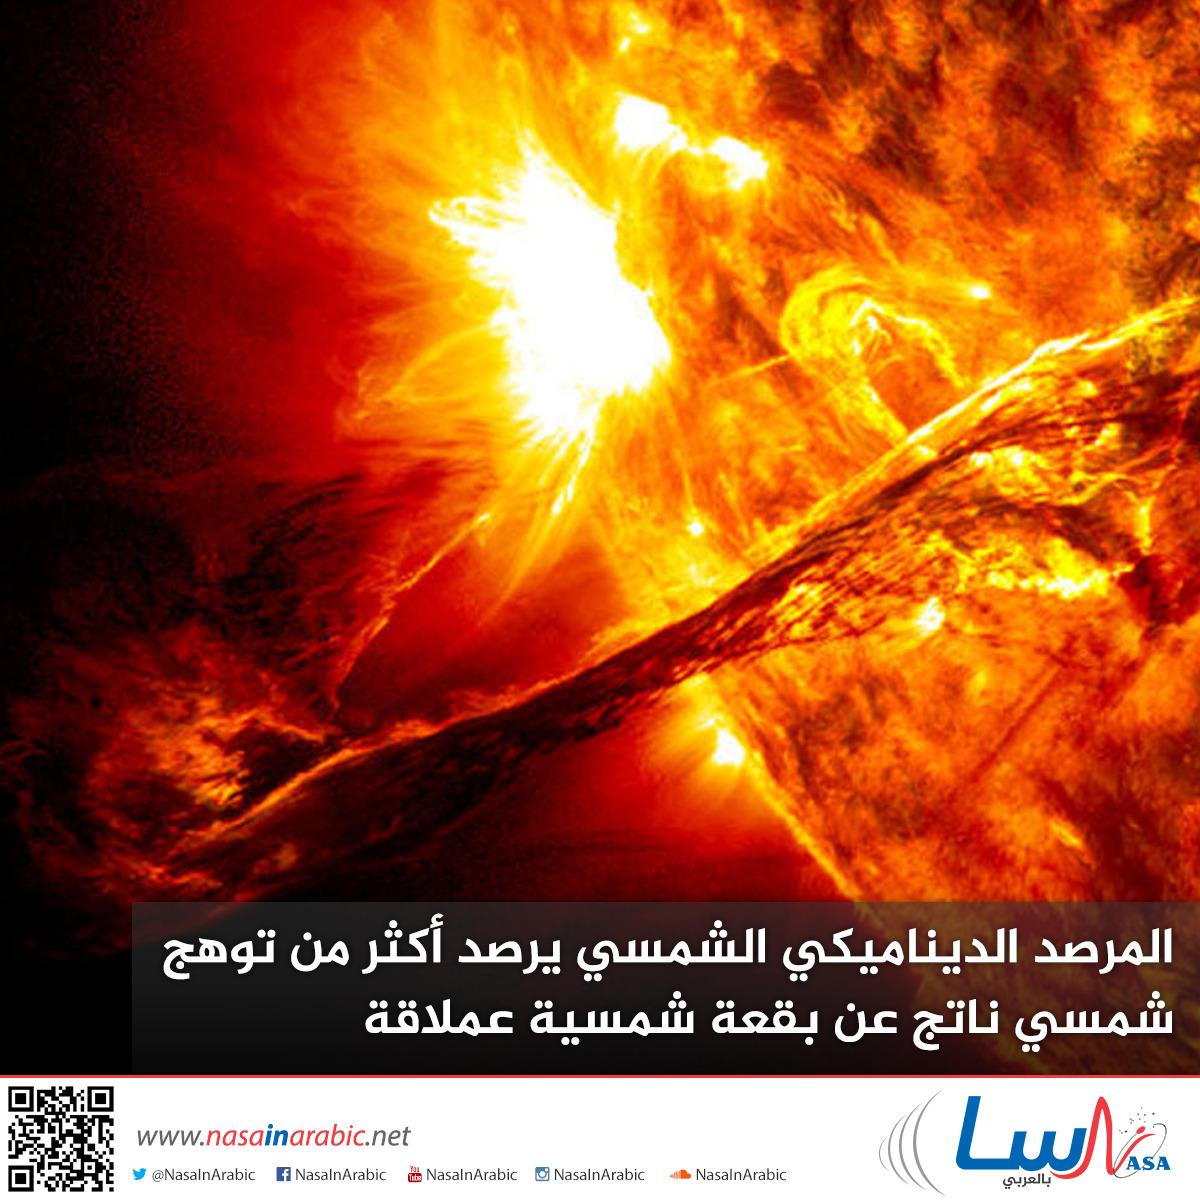 المرصد الديناميكي الشمسي يرصد أكثر من توهج شمسي ناتج عن بقعة شمسية عملاقة